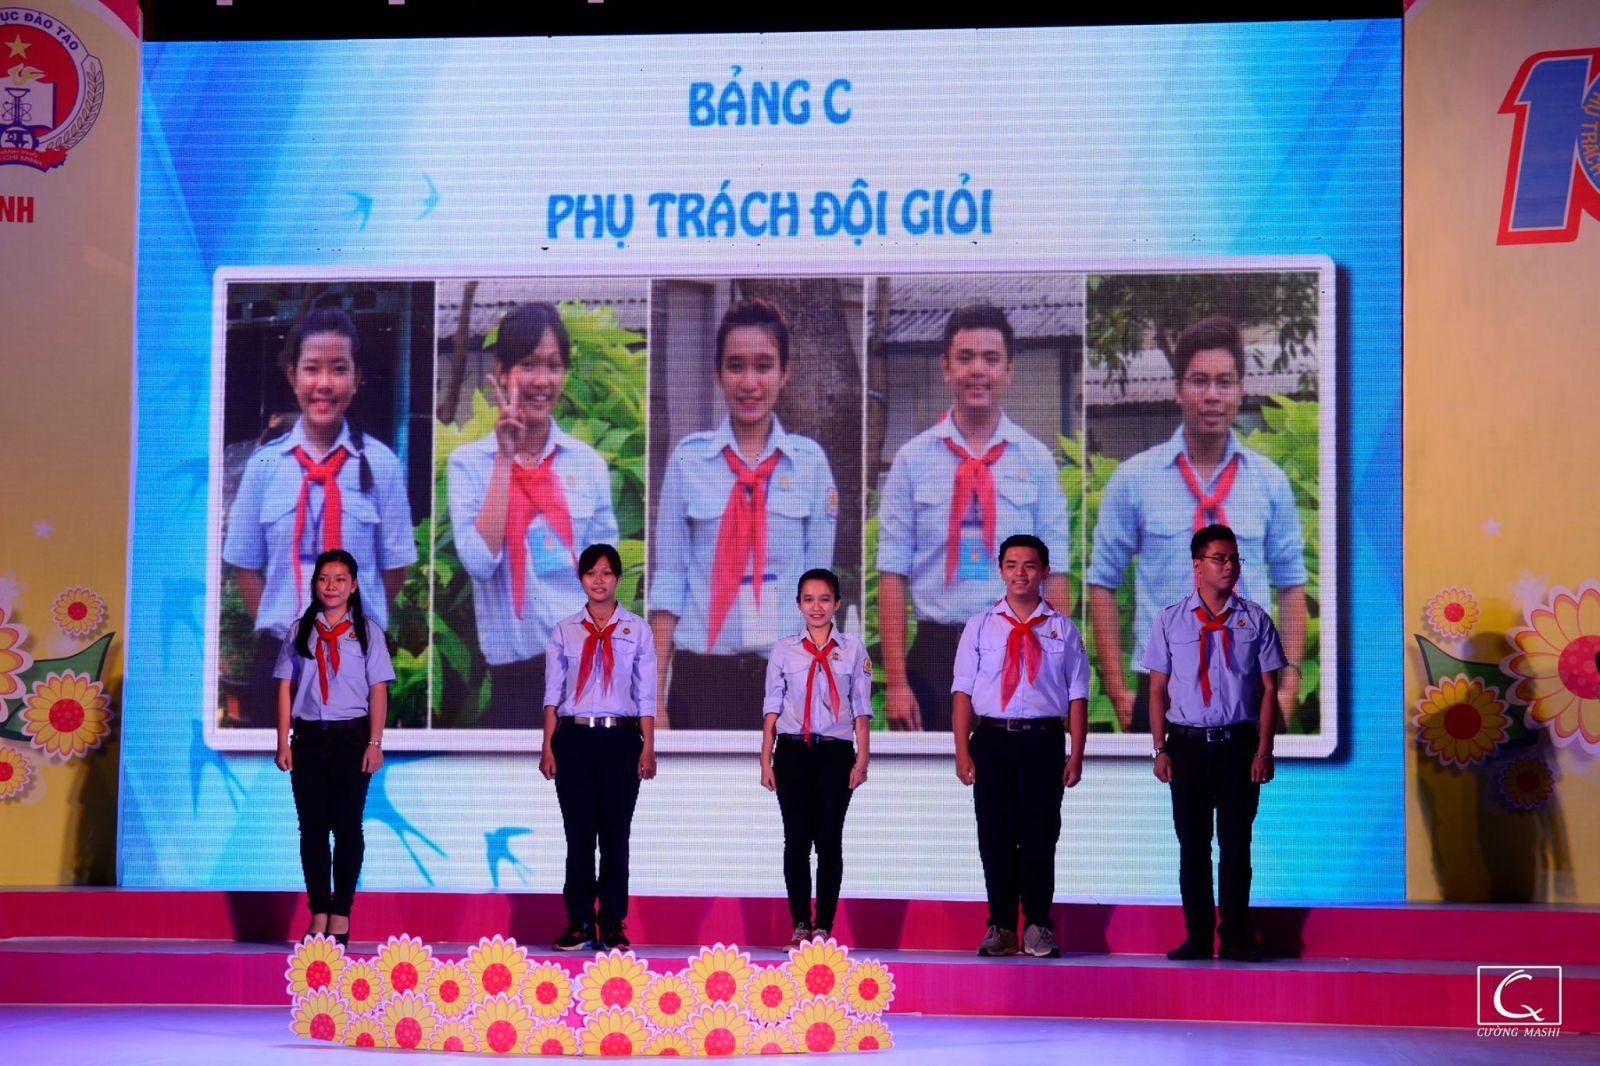 Chung kết hội thi phụ trách Đội giỏi năm 2016